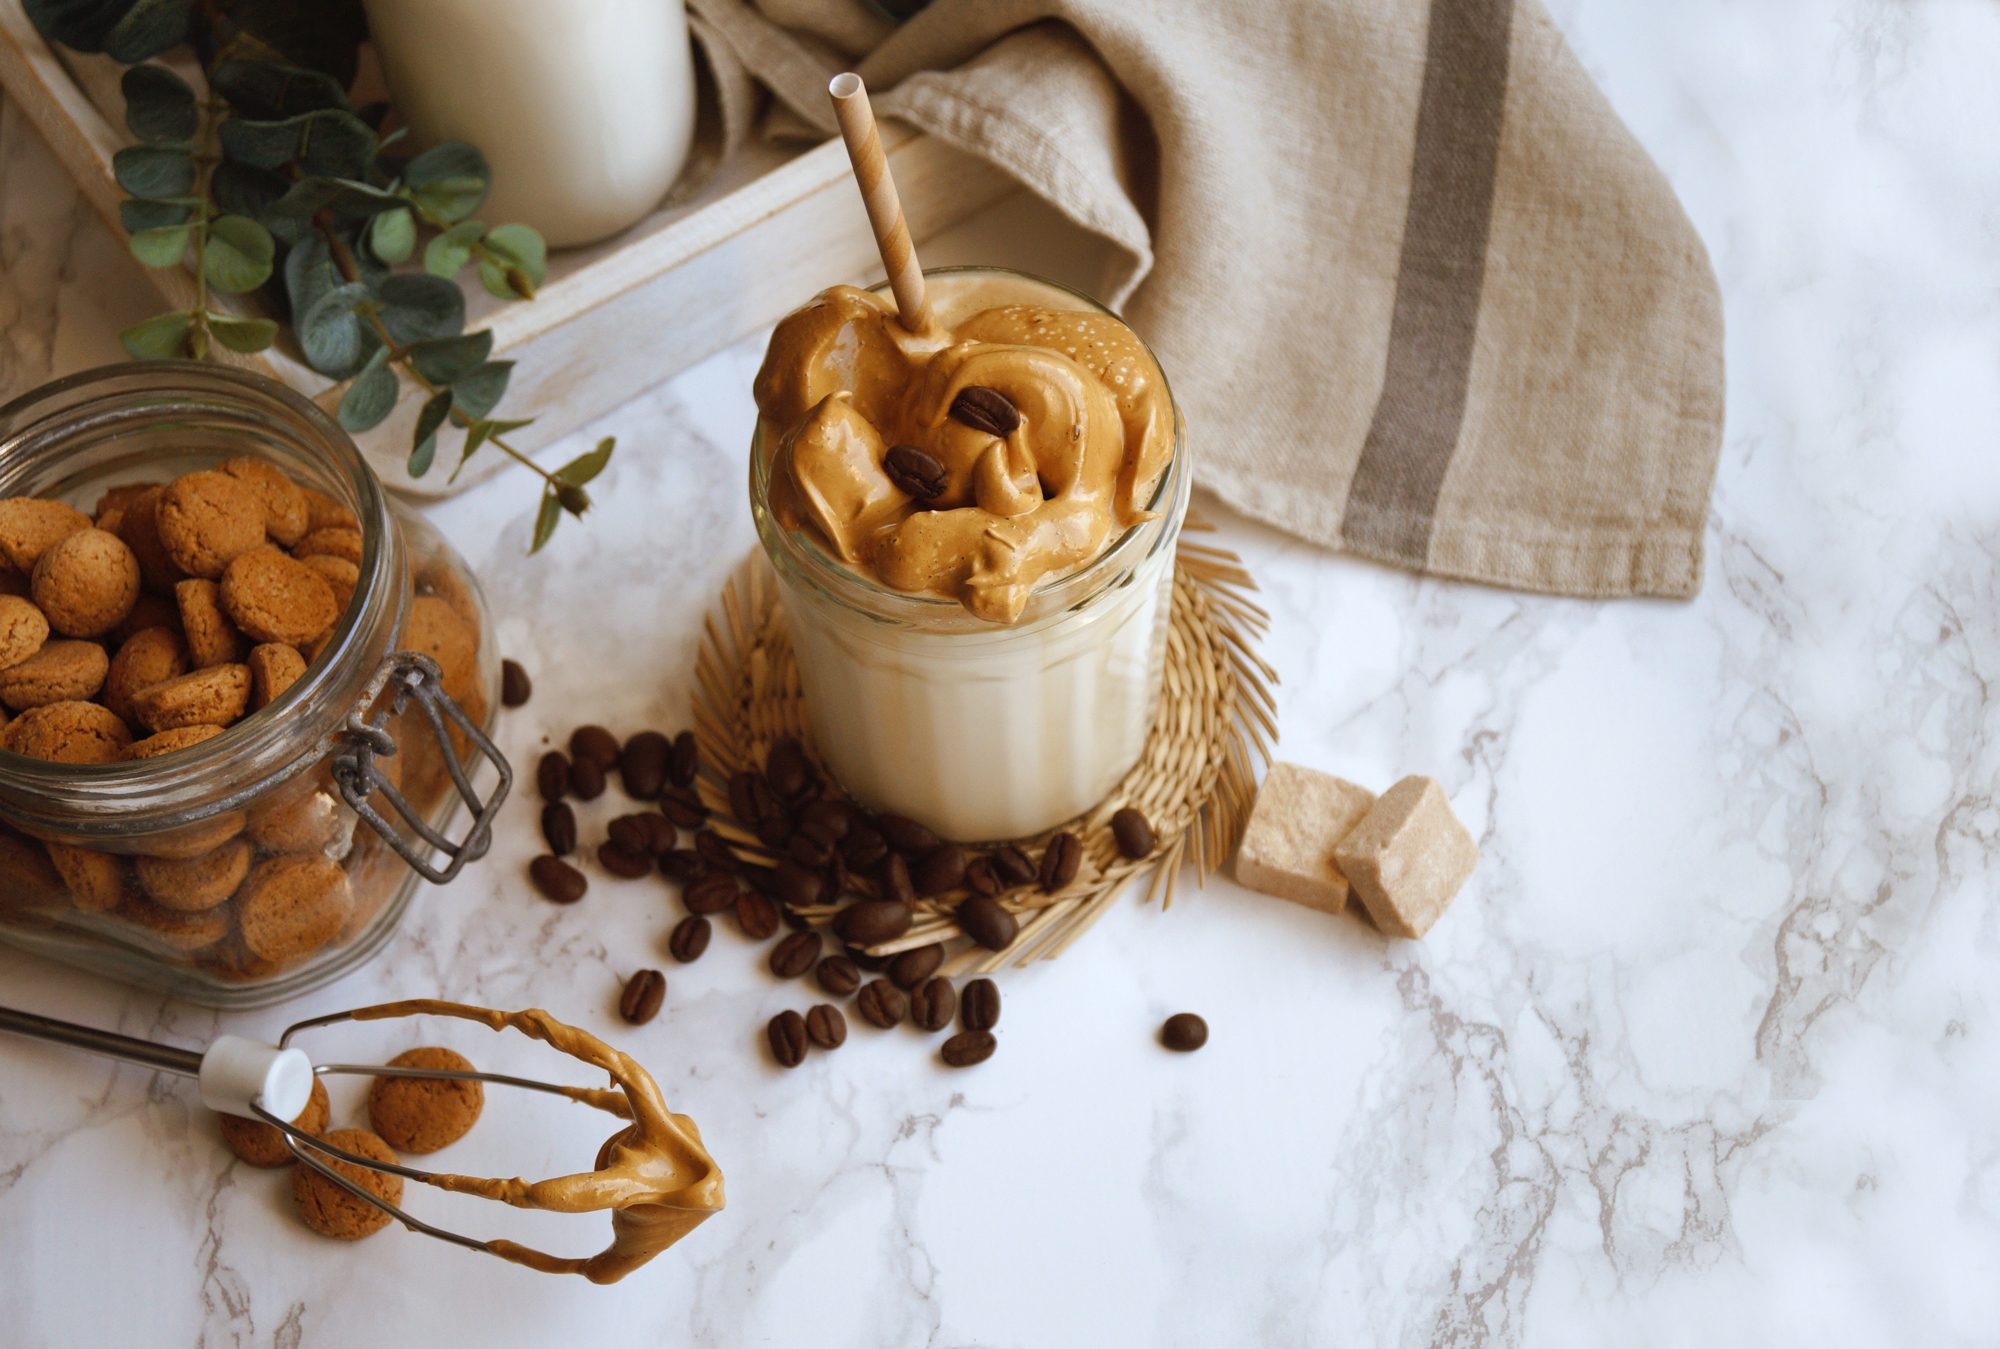 Zo maak je en serveer je de trending Dalgona koffie in stijl